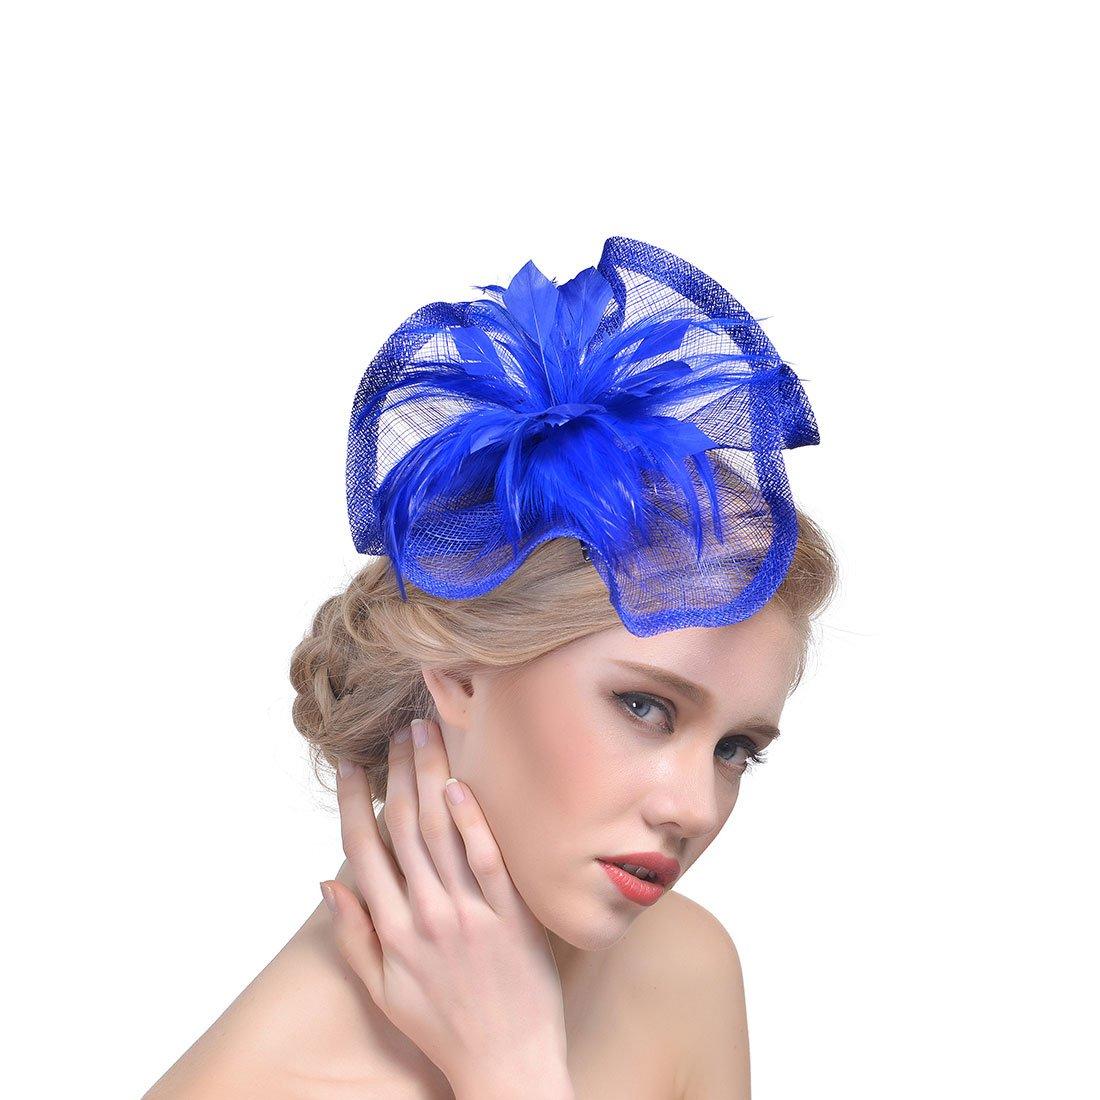 dressfan Elegante cappello Fascinator per donna Accessori per banchetti da sposa Fascia per capelli in lino irregolare